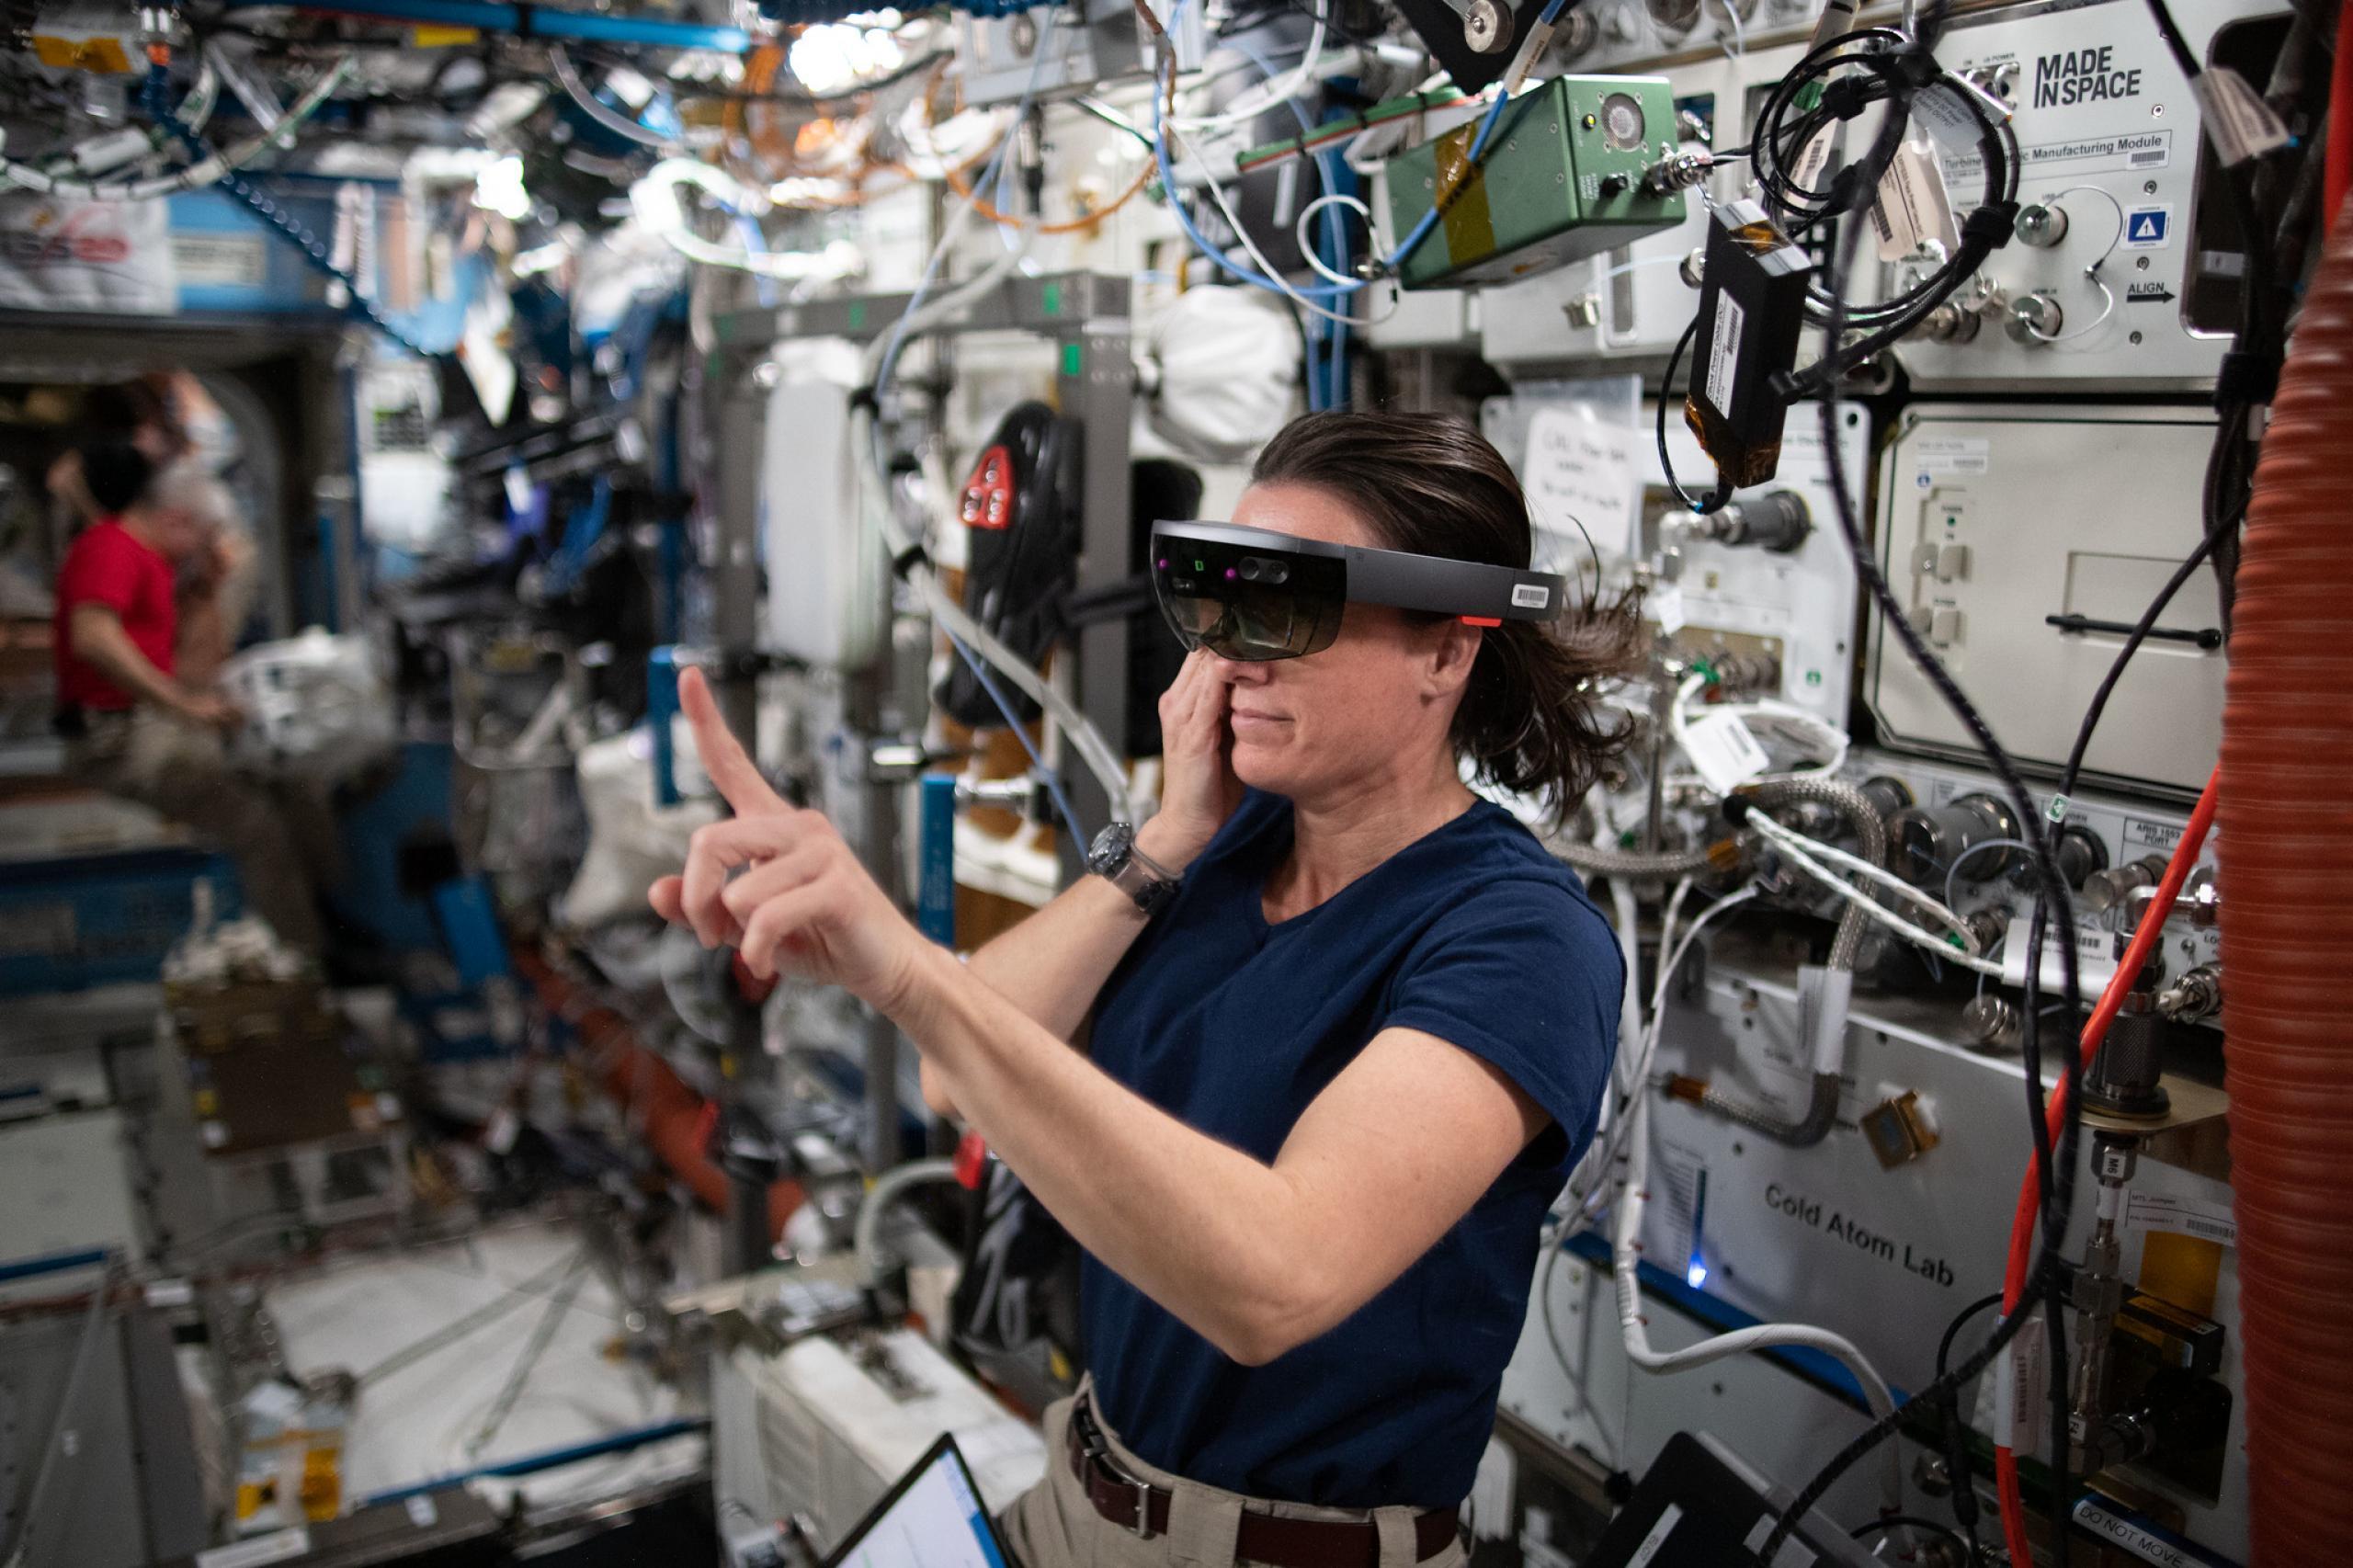 imagen de una astronauta usando gafas de VR